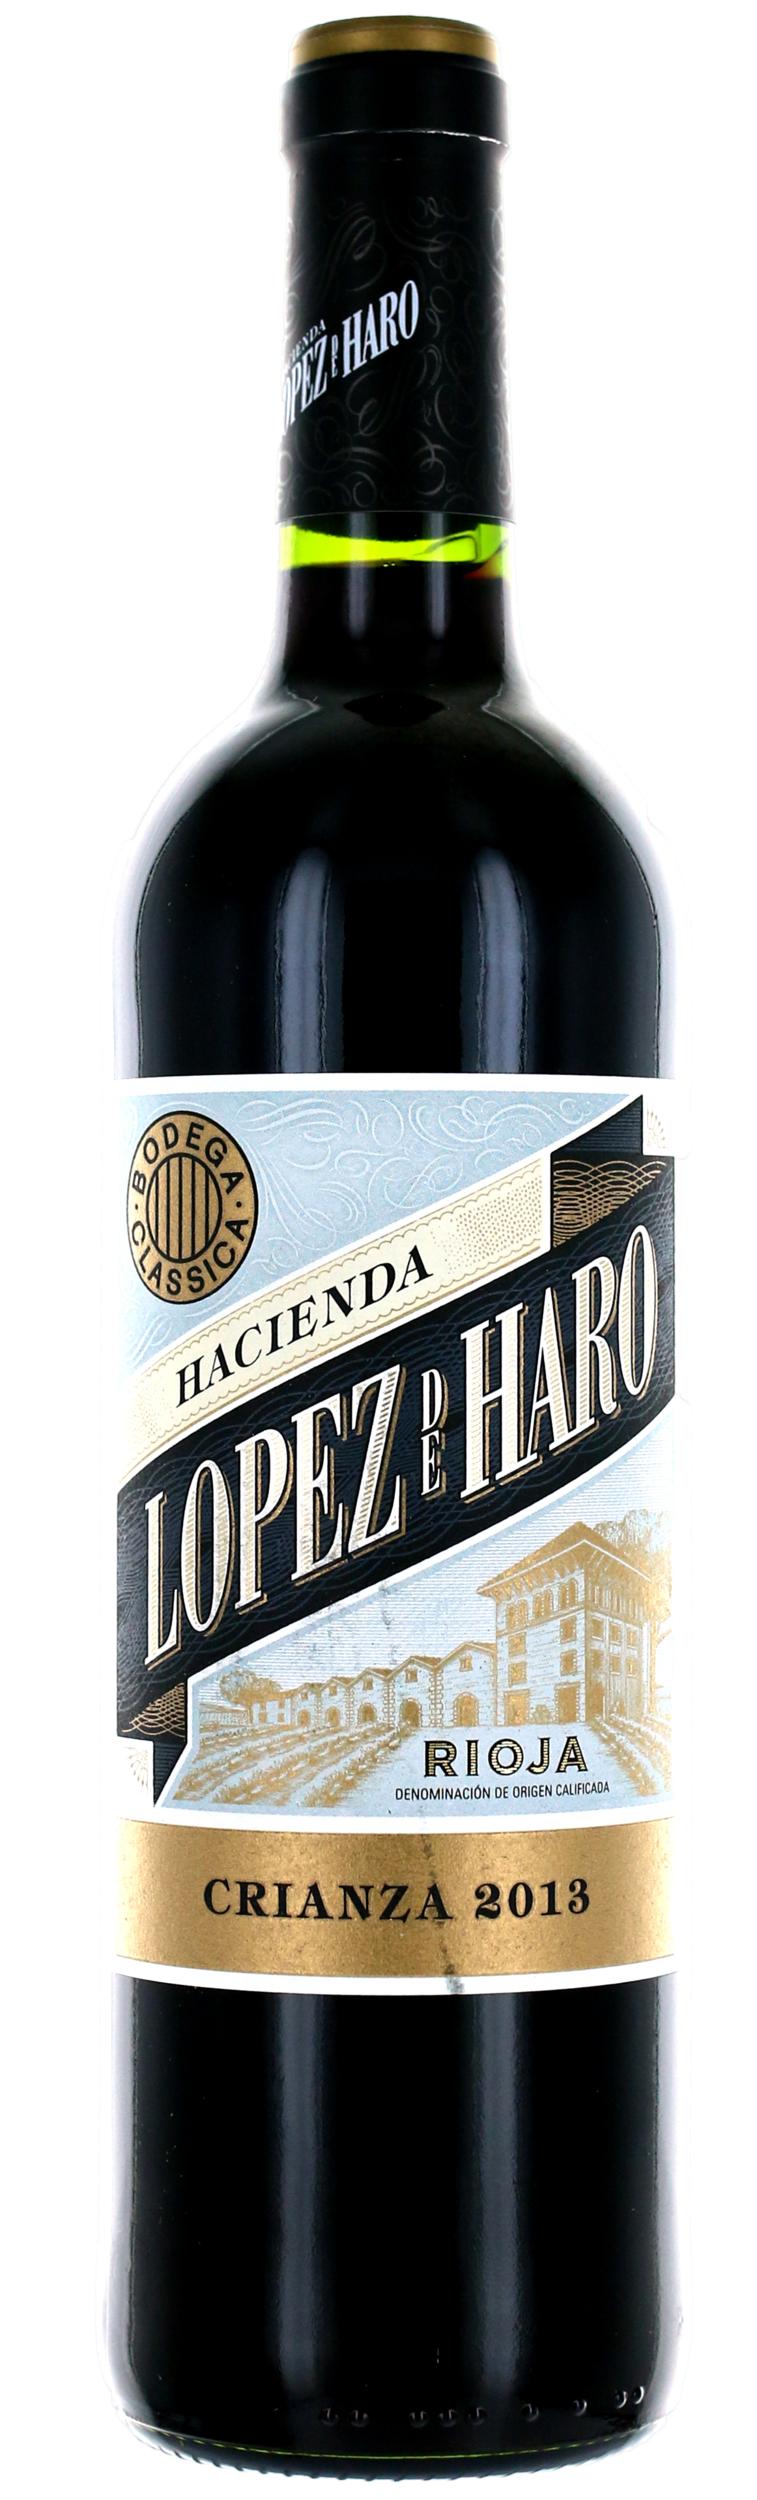 Rioja - Crianza Bodega Classica - Lopez de Haro - 2016